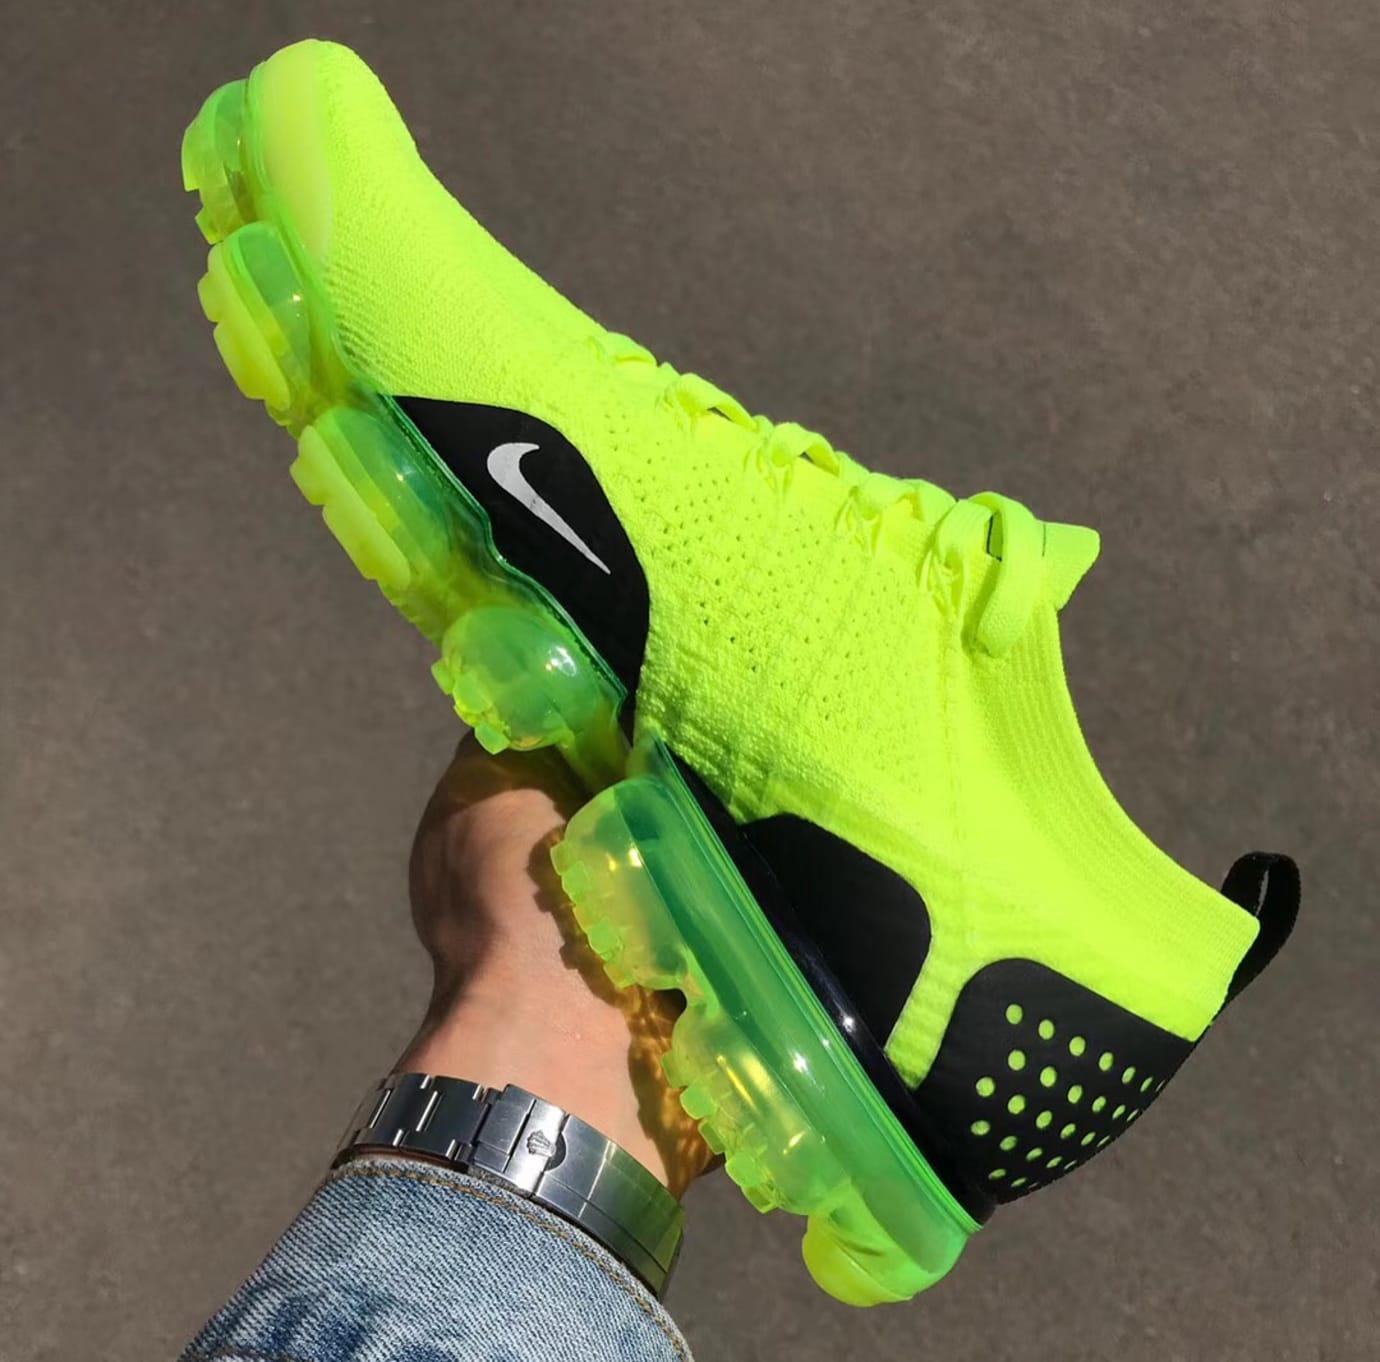 Nike Air VaporMax 2 Flyknit Volt Release Date 942842-700 (4)